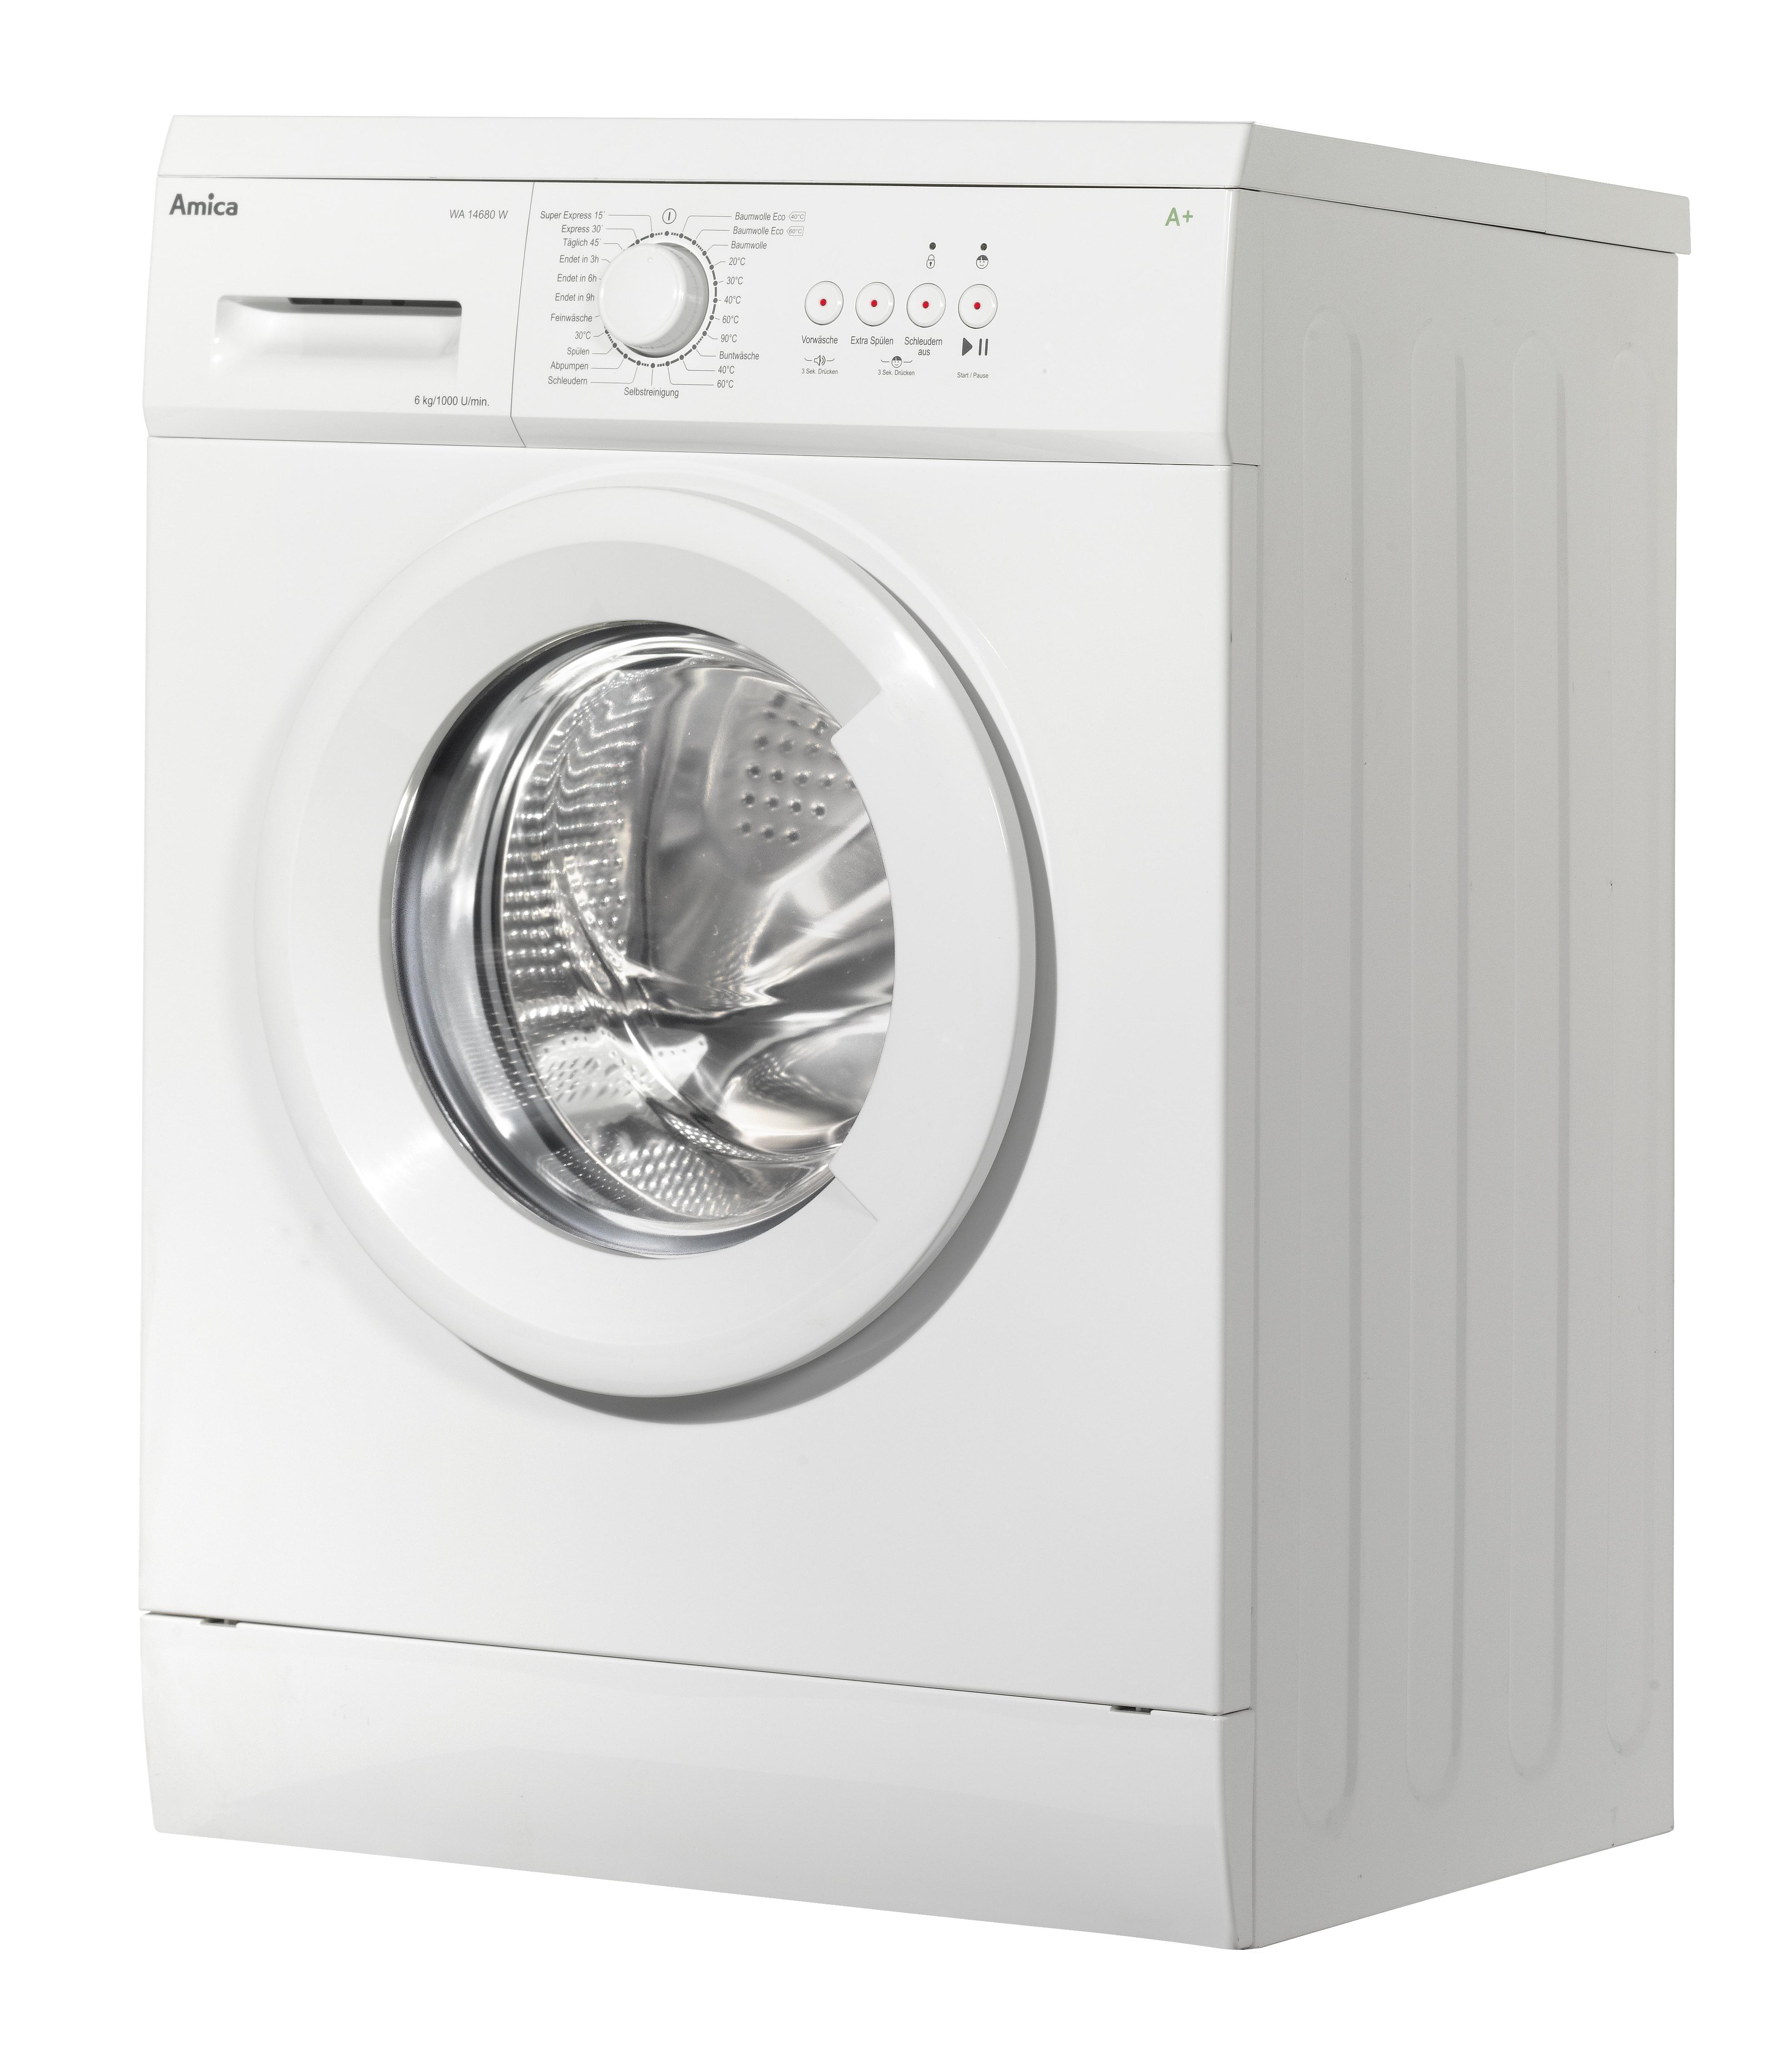 Waschmaschine Braucht 3 Stunden